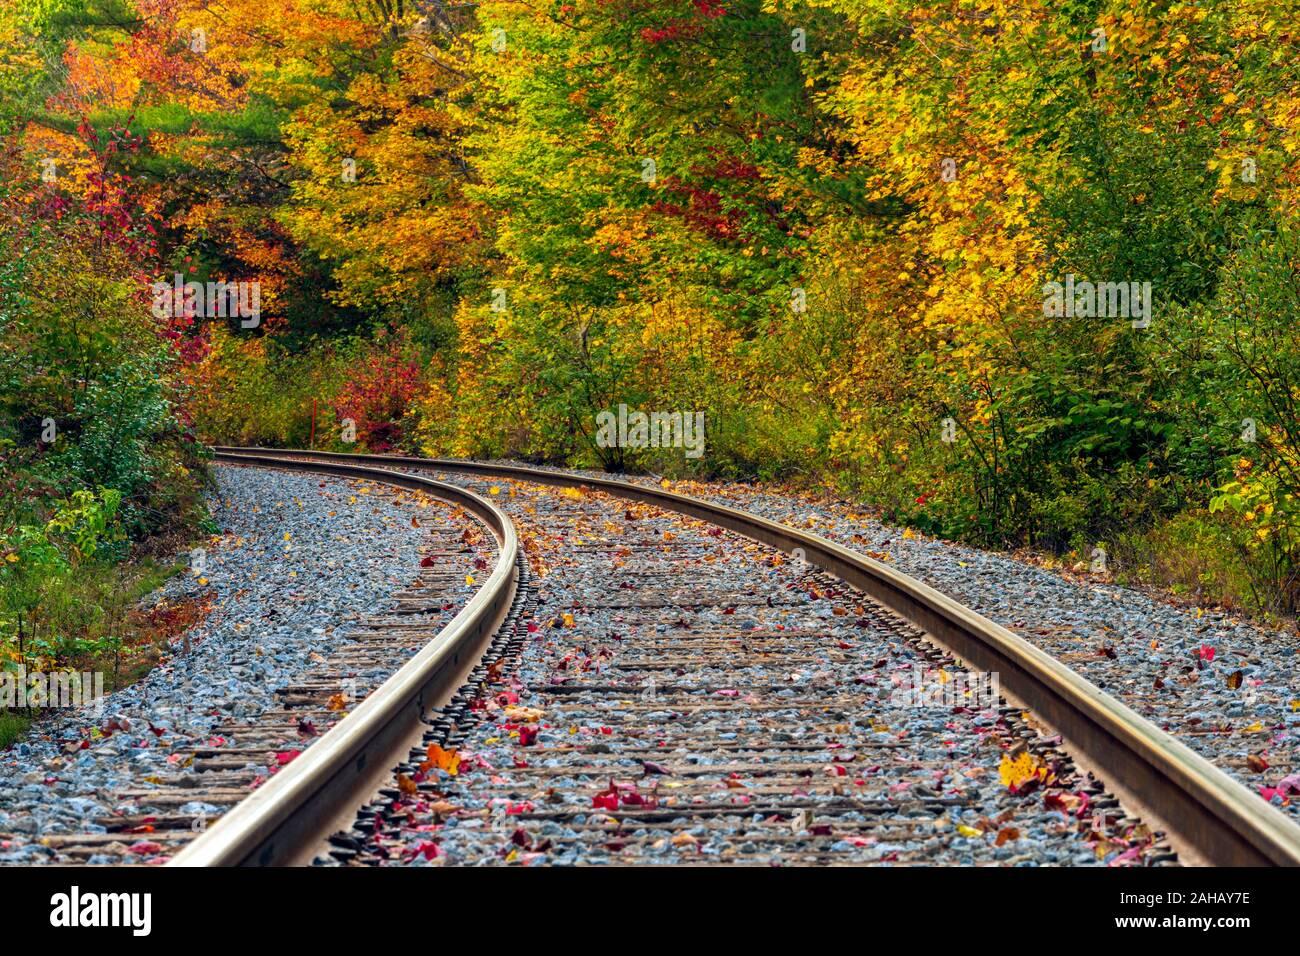 Una lunga curva in ferrovia conduce nel bosco di visualizzazione colorata Foglie di autunno. Foto Stock